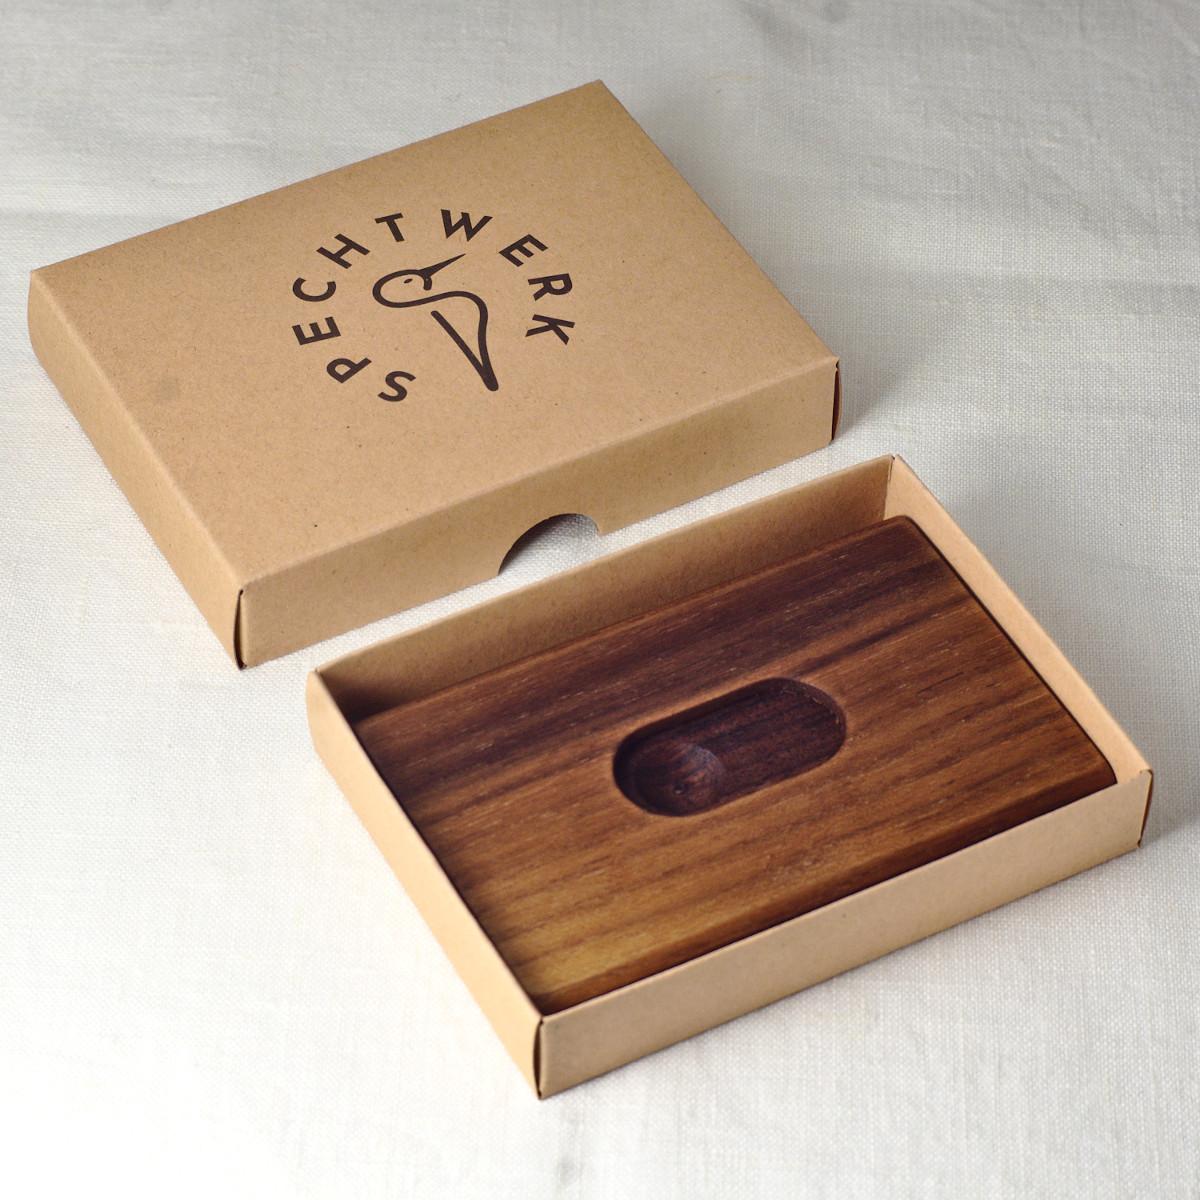 Visitenkartenetui Raphael aus Nussbaum von SPECHTWERK im Geschenkkarton